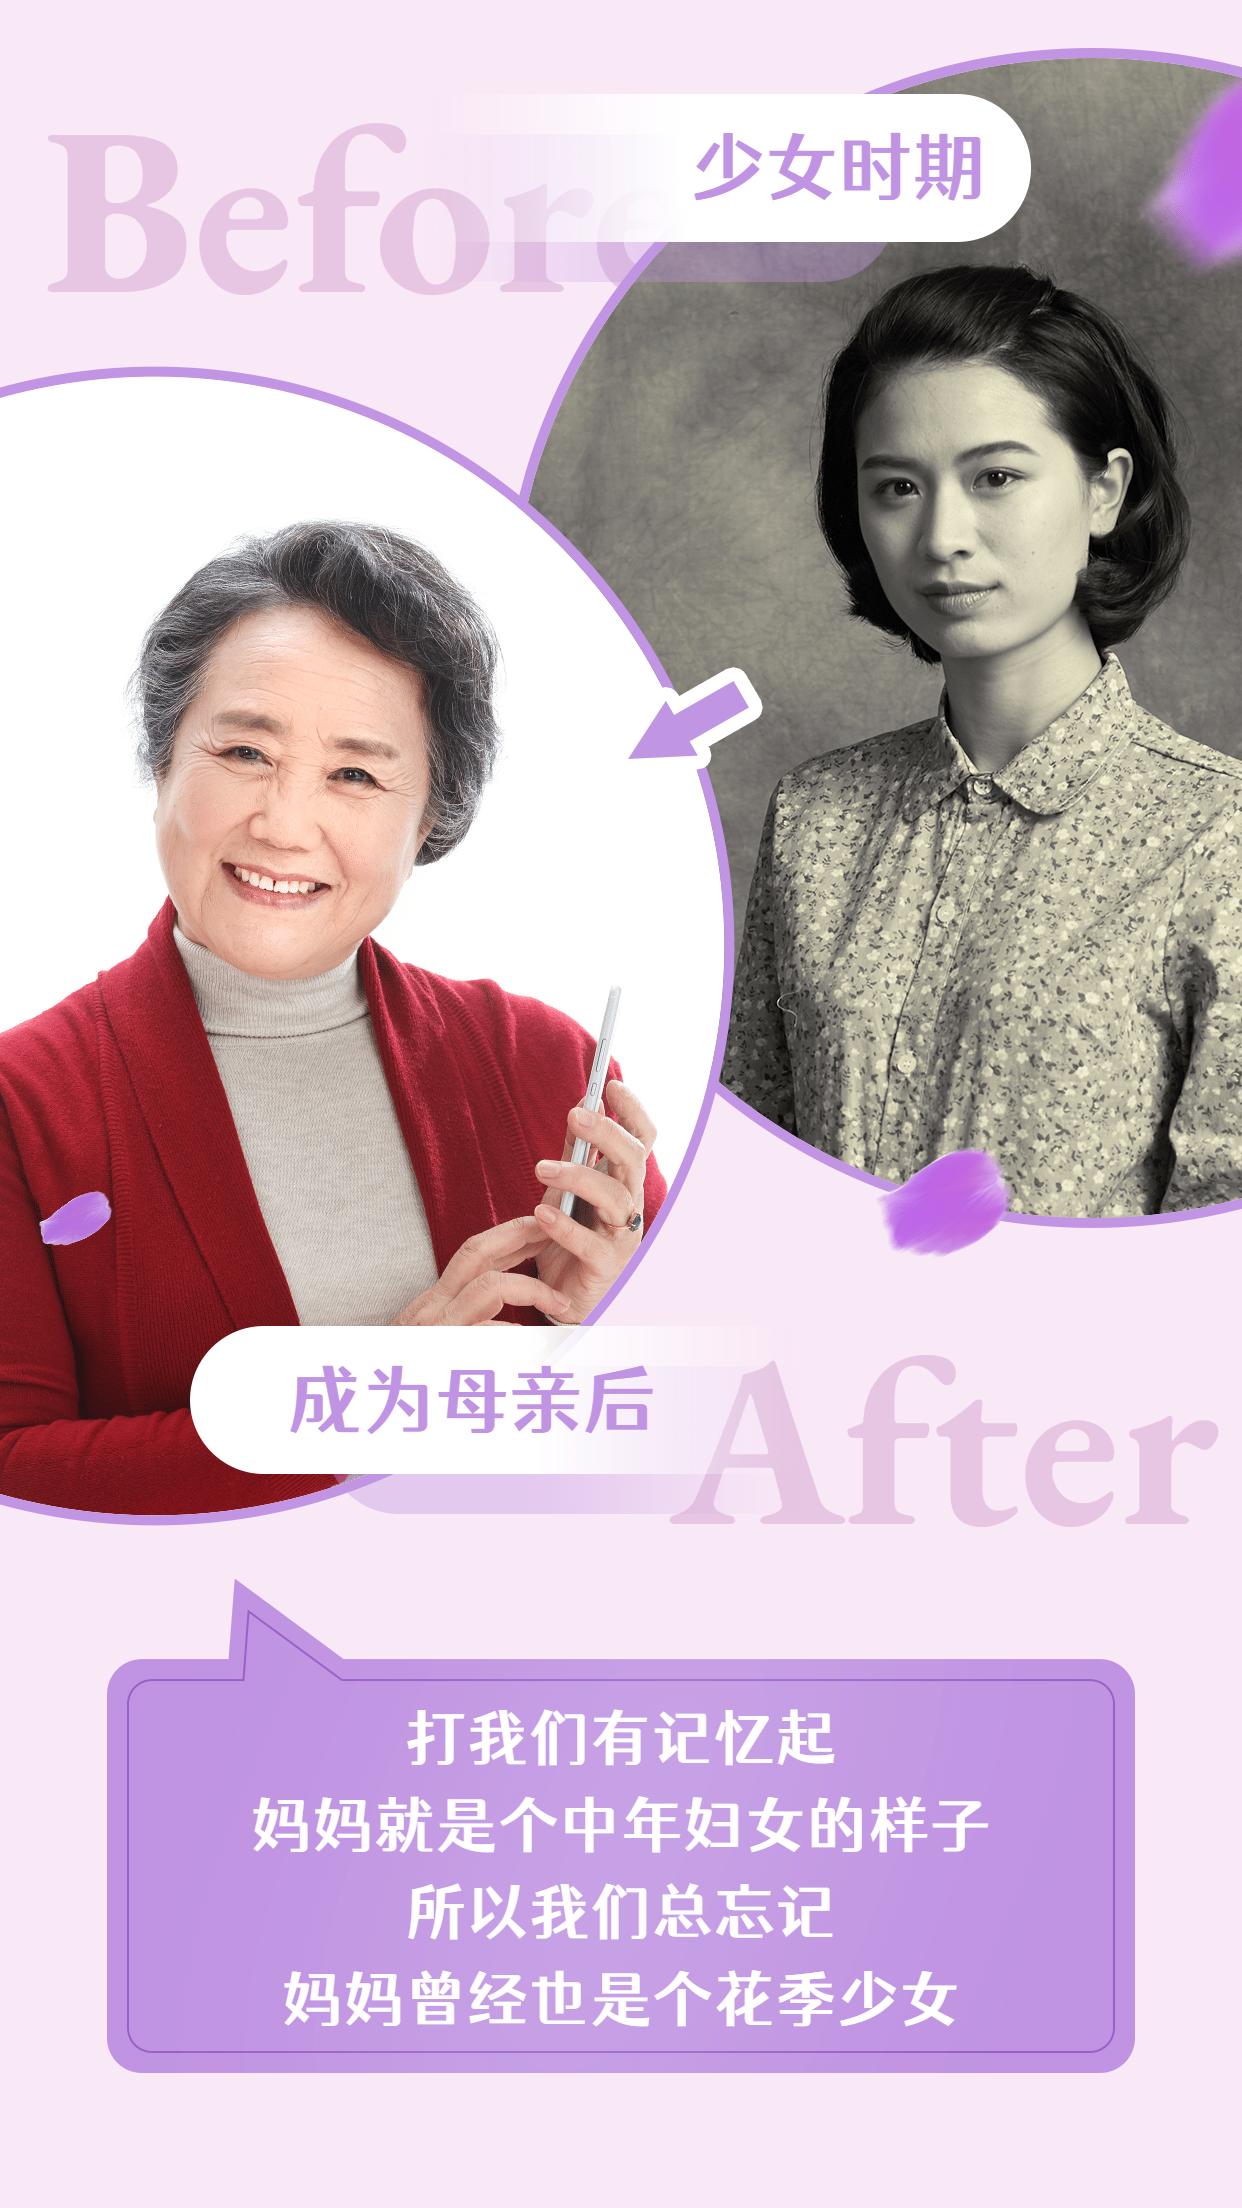 母亲年轻时与现在对比祝福宣传海报.png